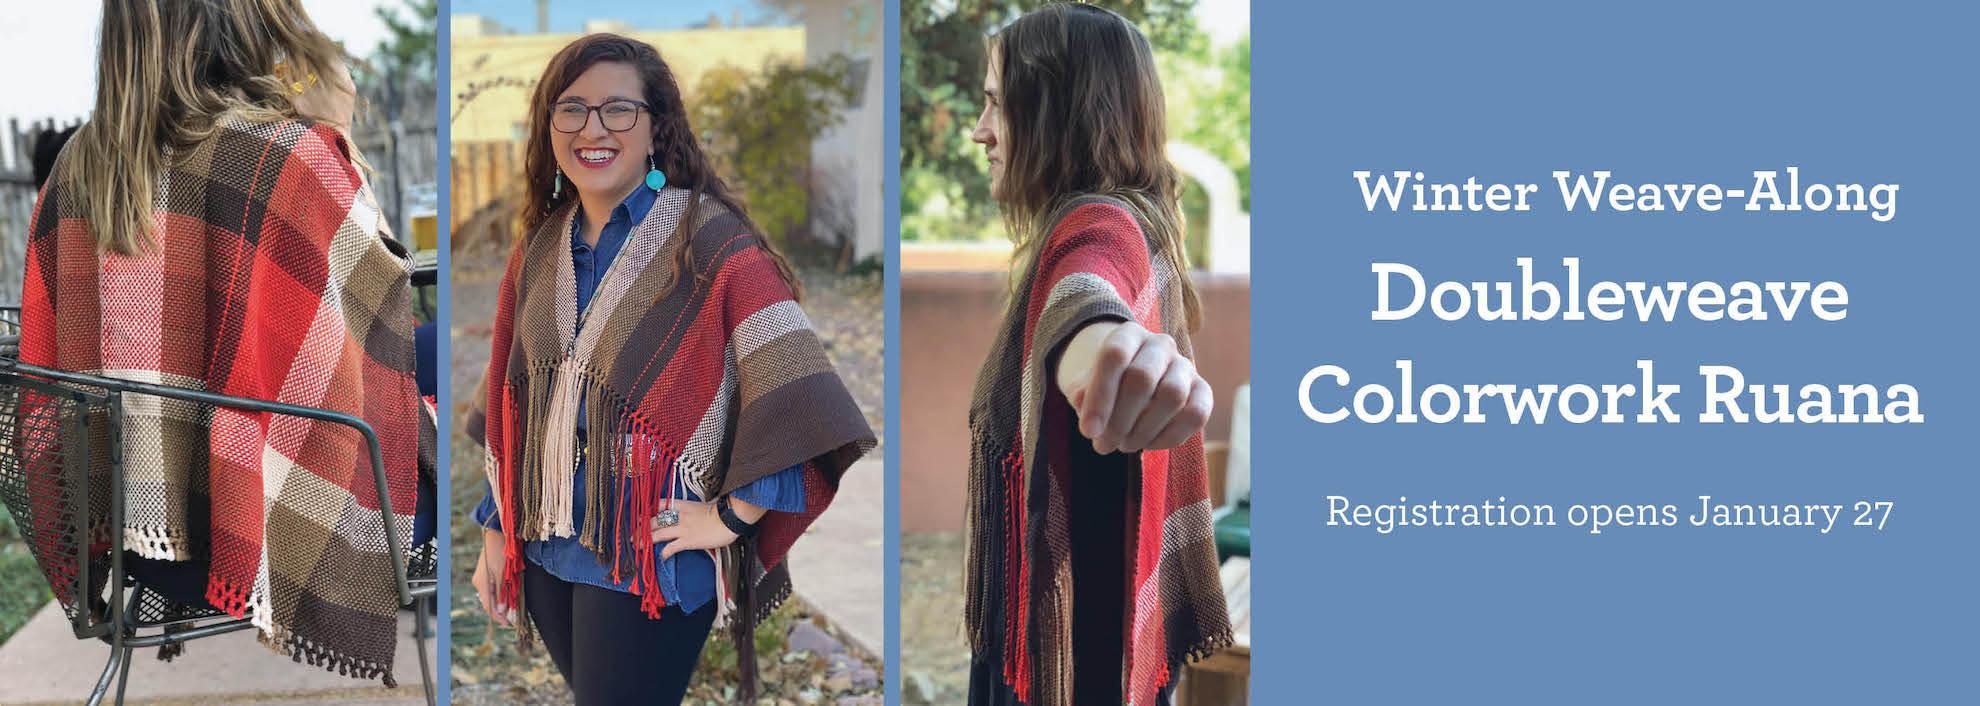 Winter Weave-Along Doubleweave Colorwork Ruana